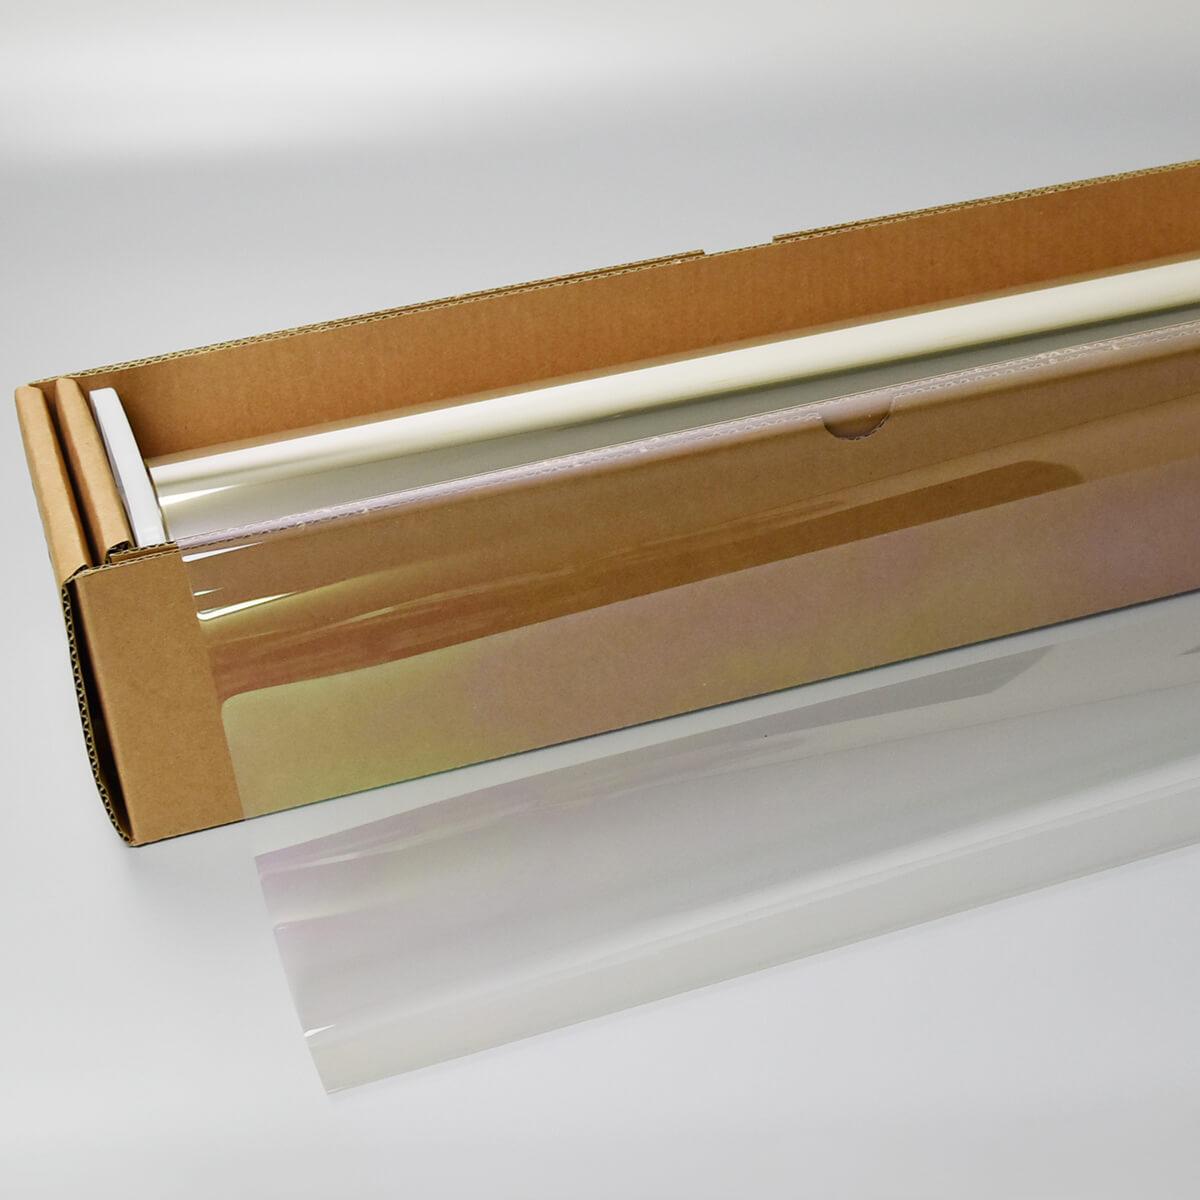 カーフィルム GHOST(ゴースト) オーロラ80  50cm幅 x 30mロール箱売 多層マルチレイヤー オーロラフィルム80 飛散防止フィルム 遮熱フィルム 断熱フィルム UVカットフィルム IR遮断 Braintec